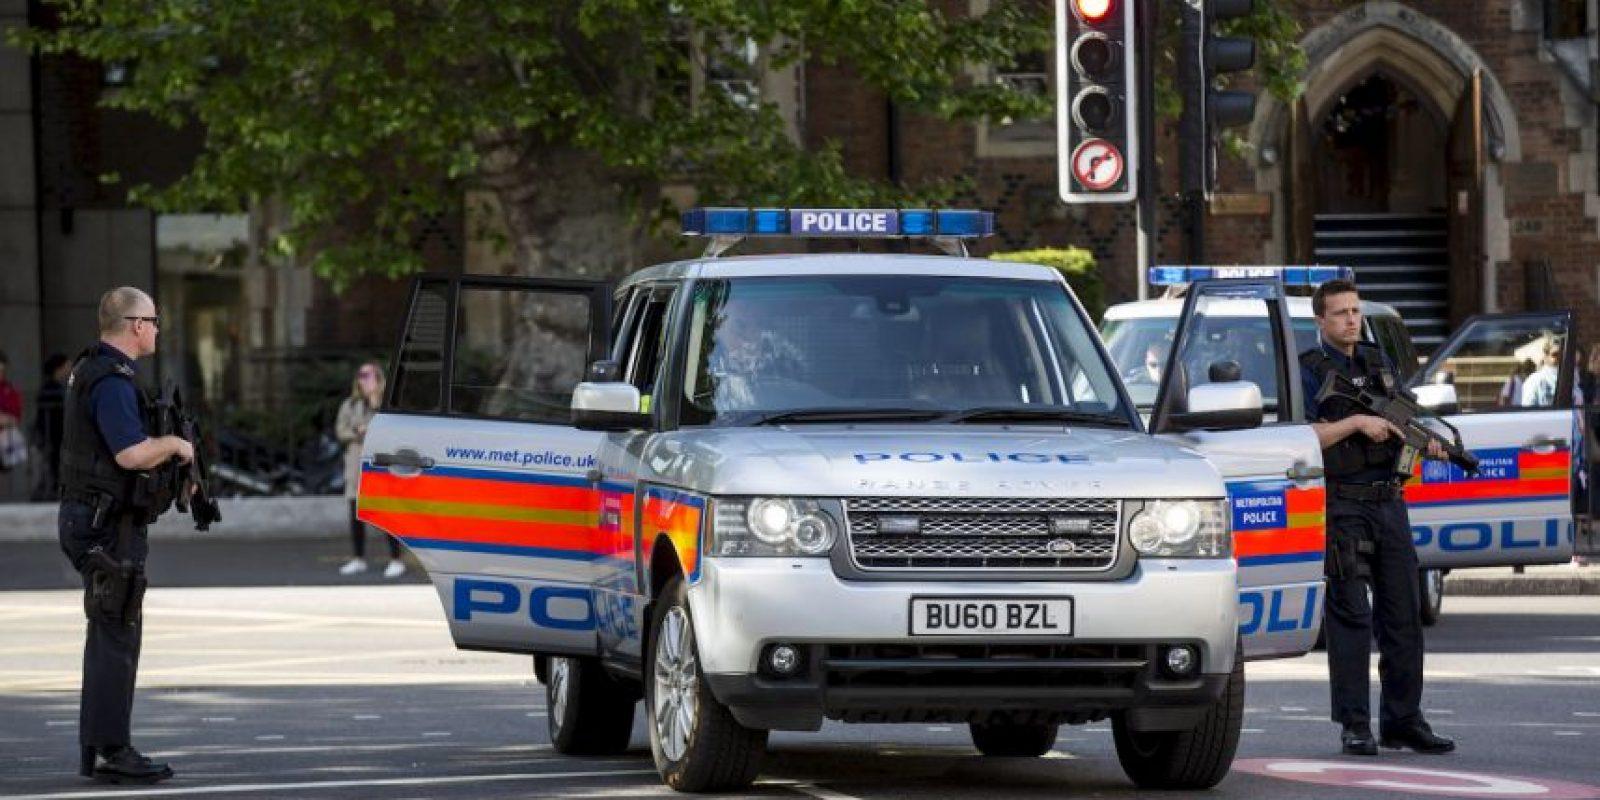 Las autoridades fueron solicitadas cerca de las 15:30 tiempo local. Foto:Getty Images